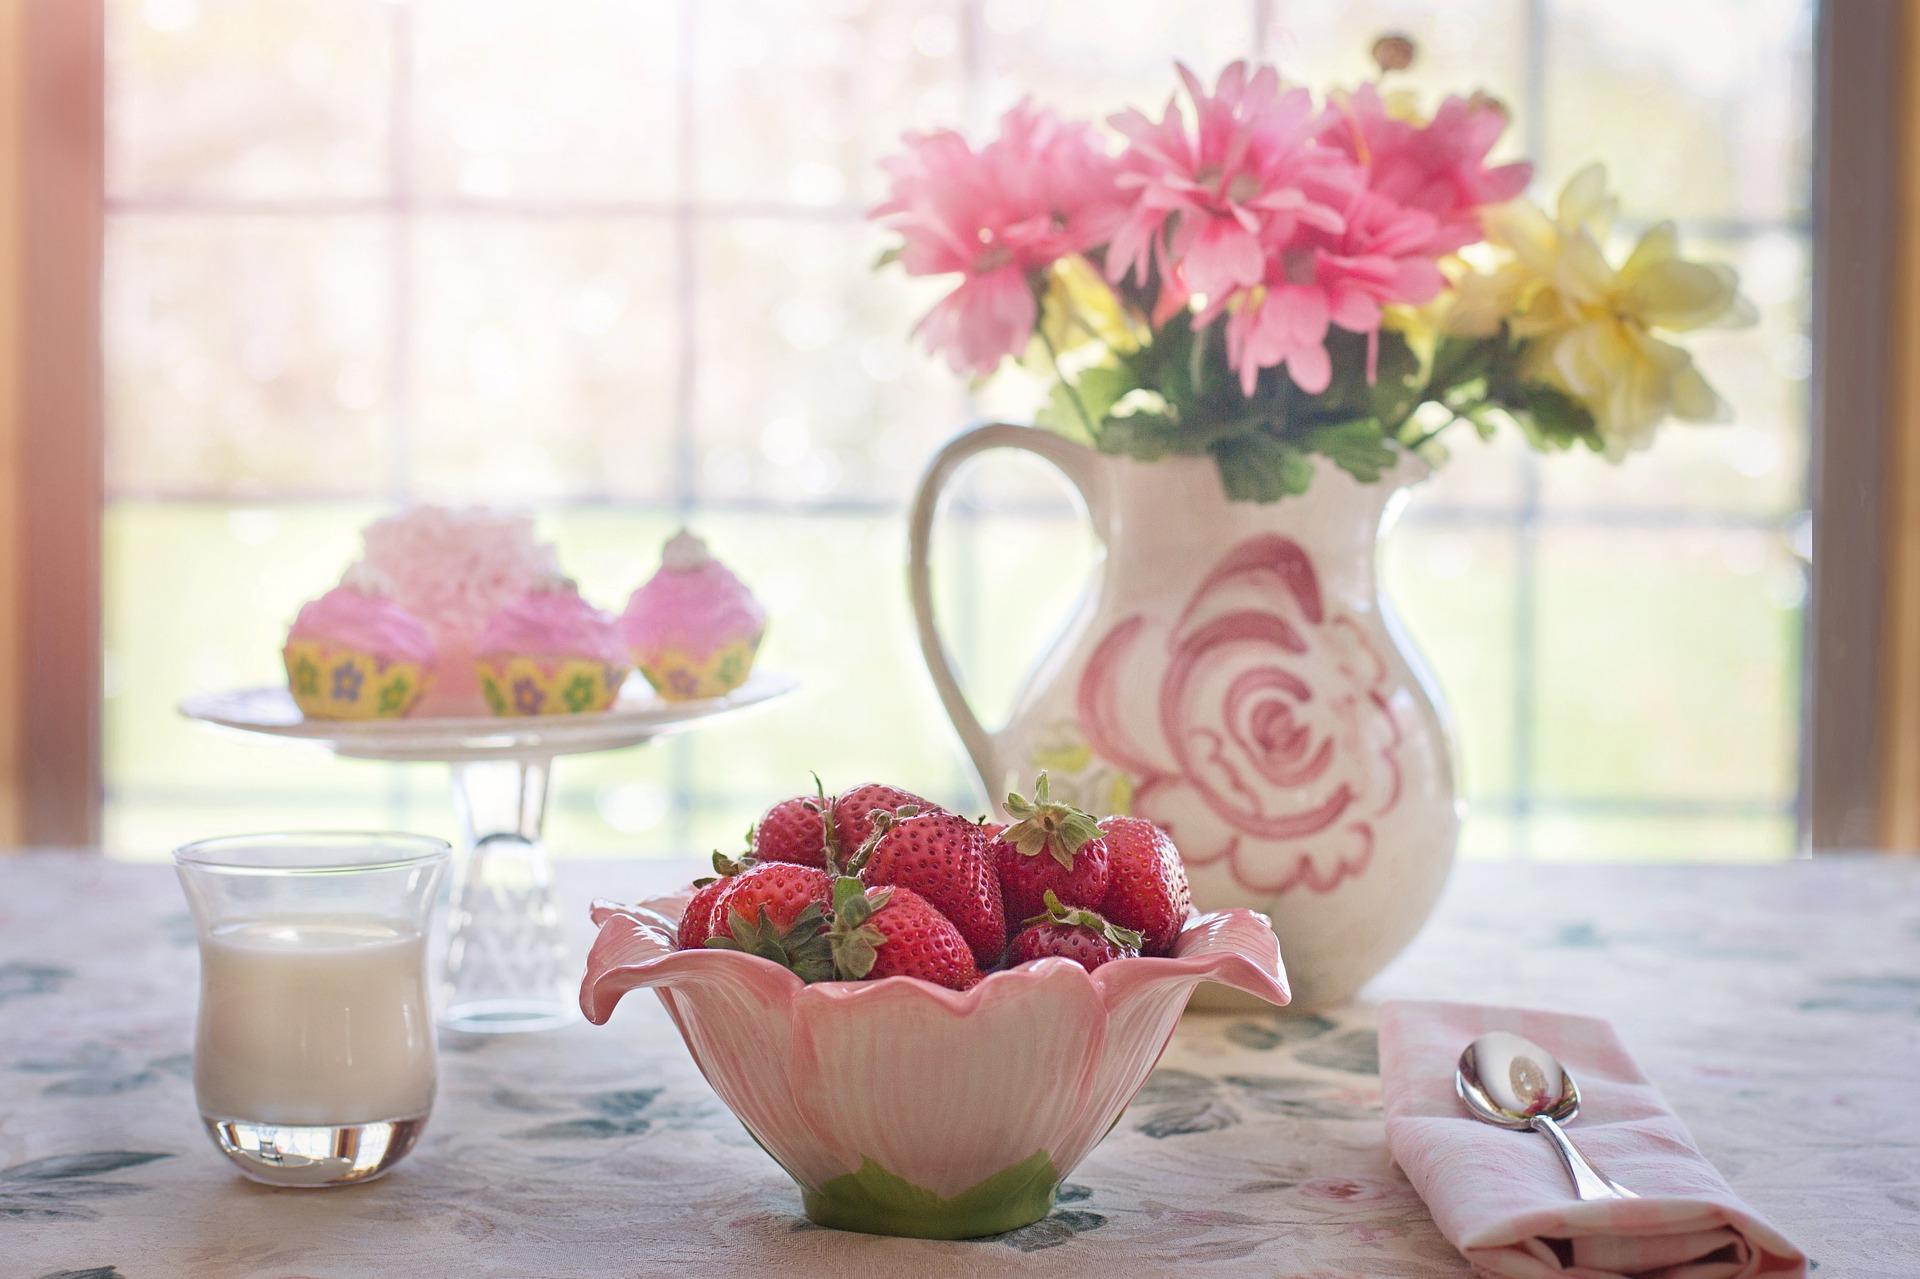 Früchte Tisch Gedeck pixabay